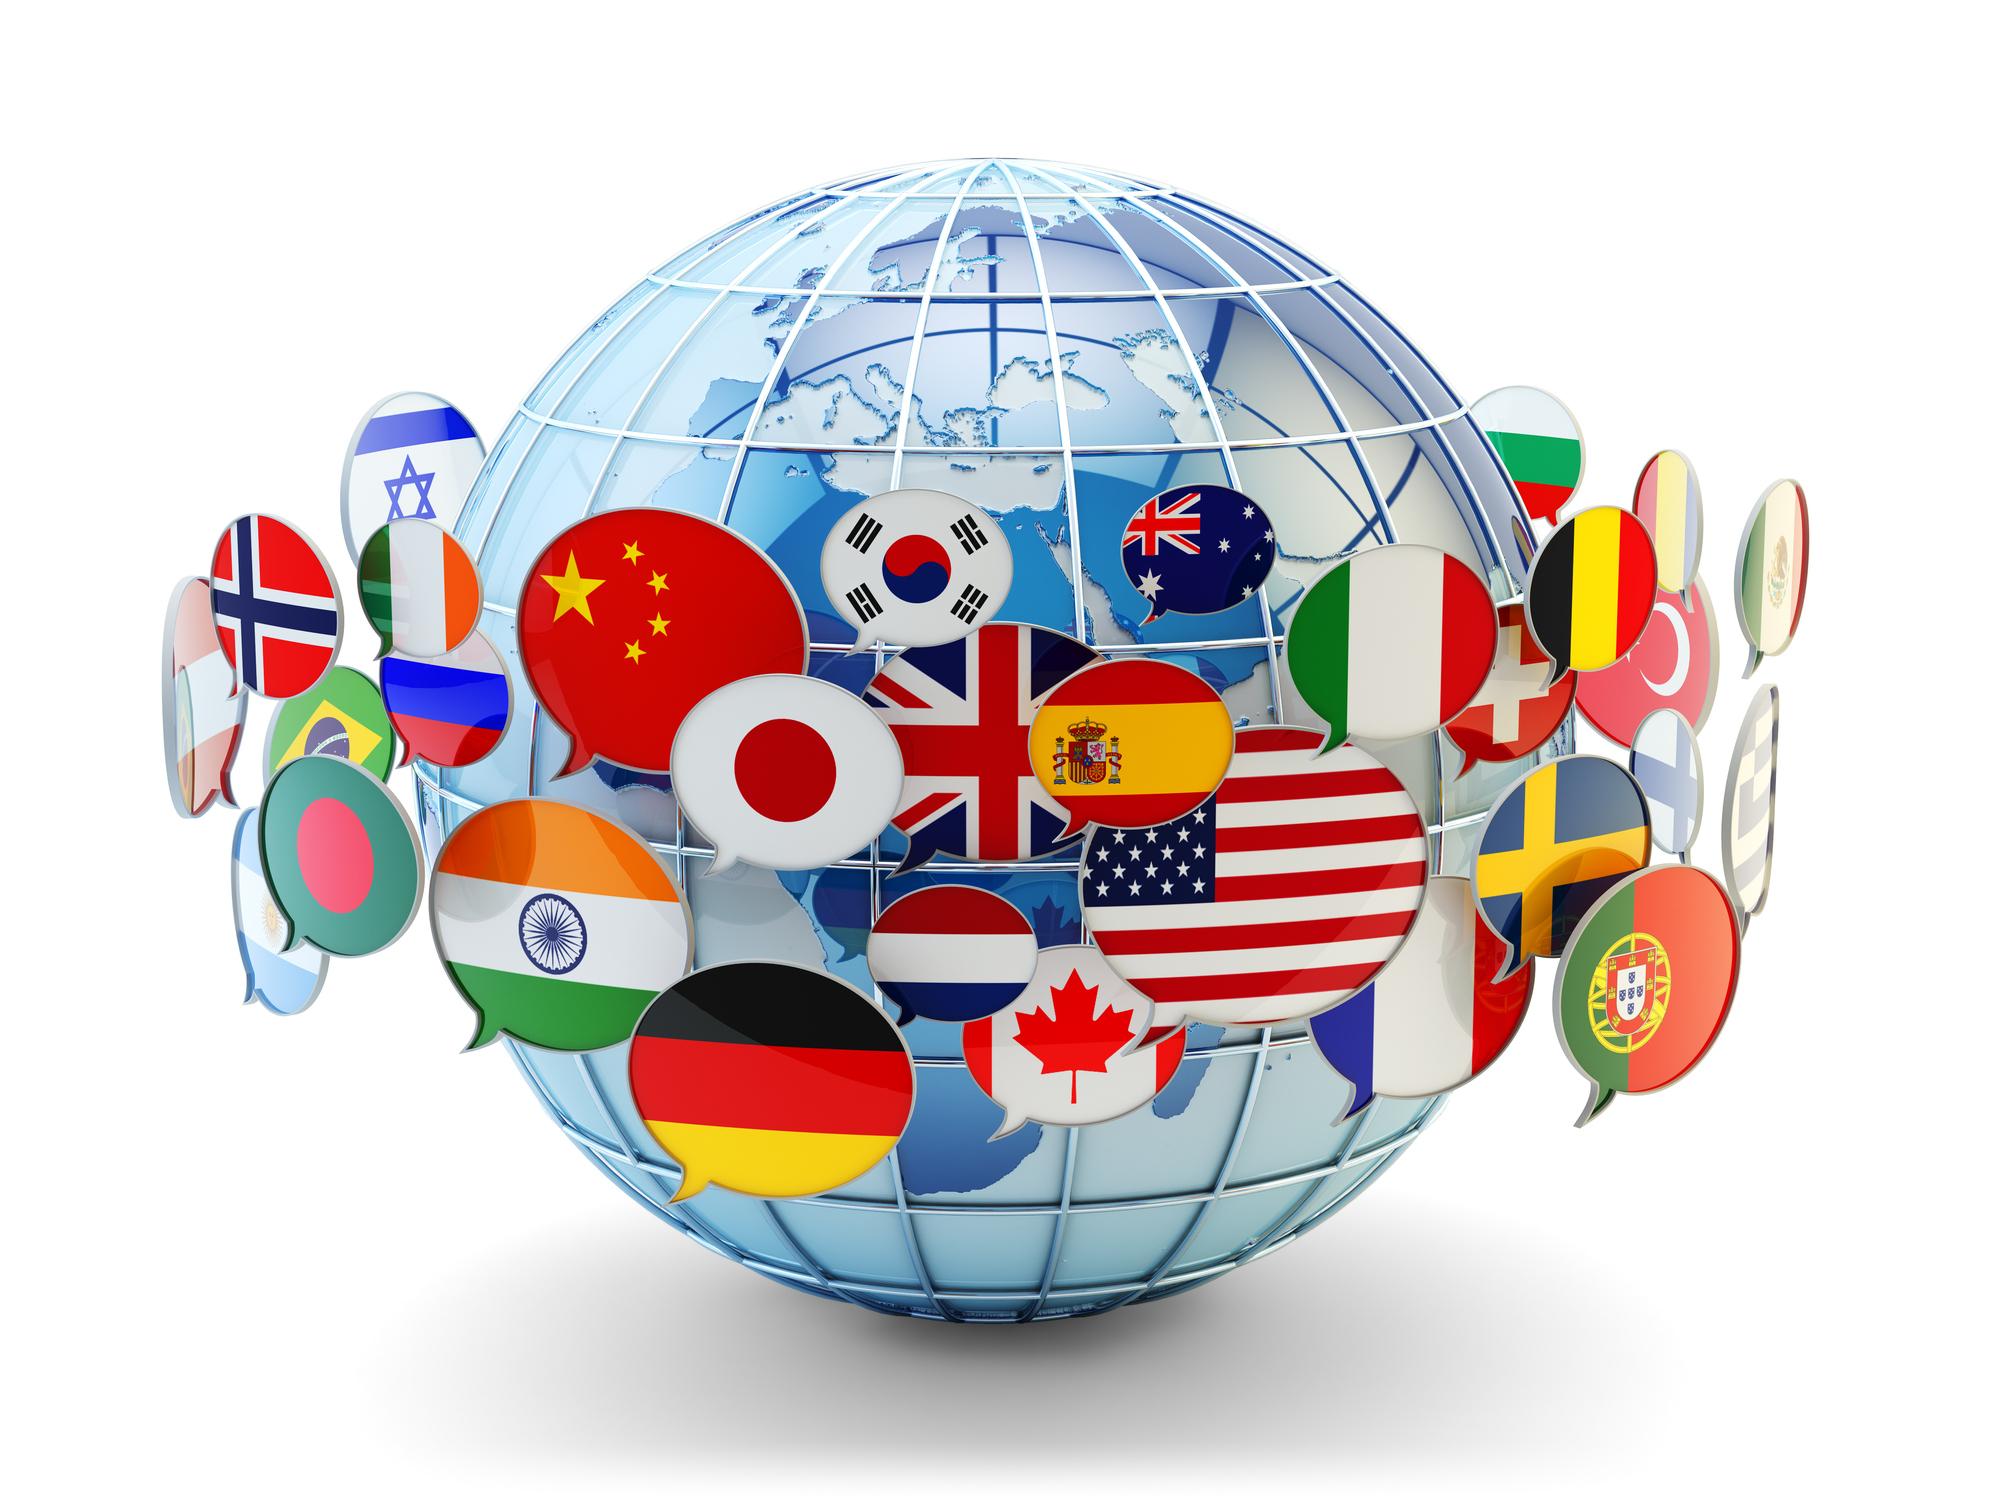 تنوع زبان ها در جهان